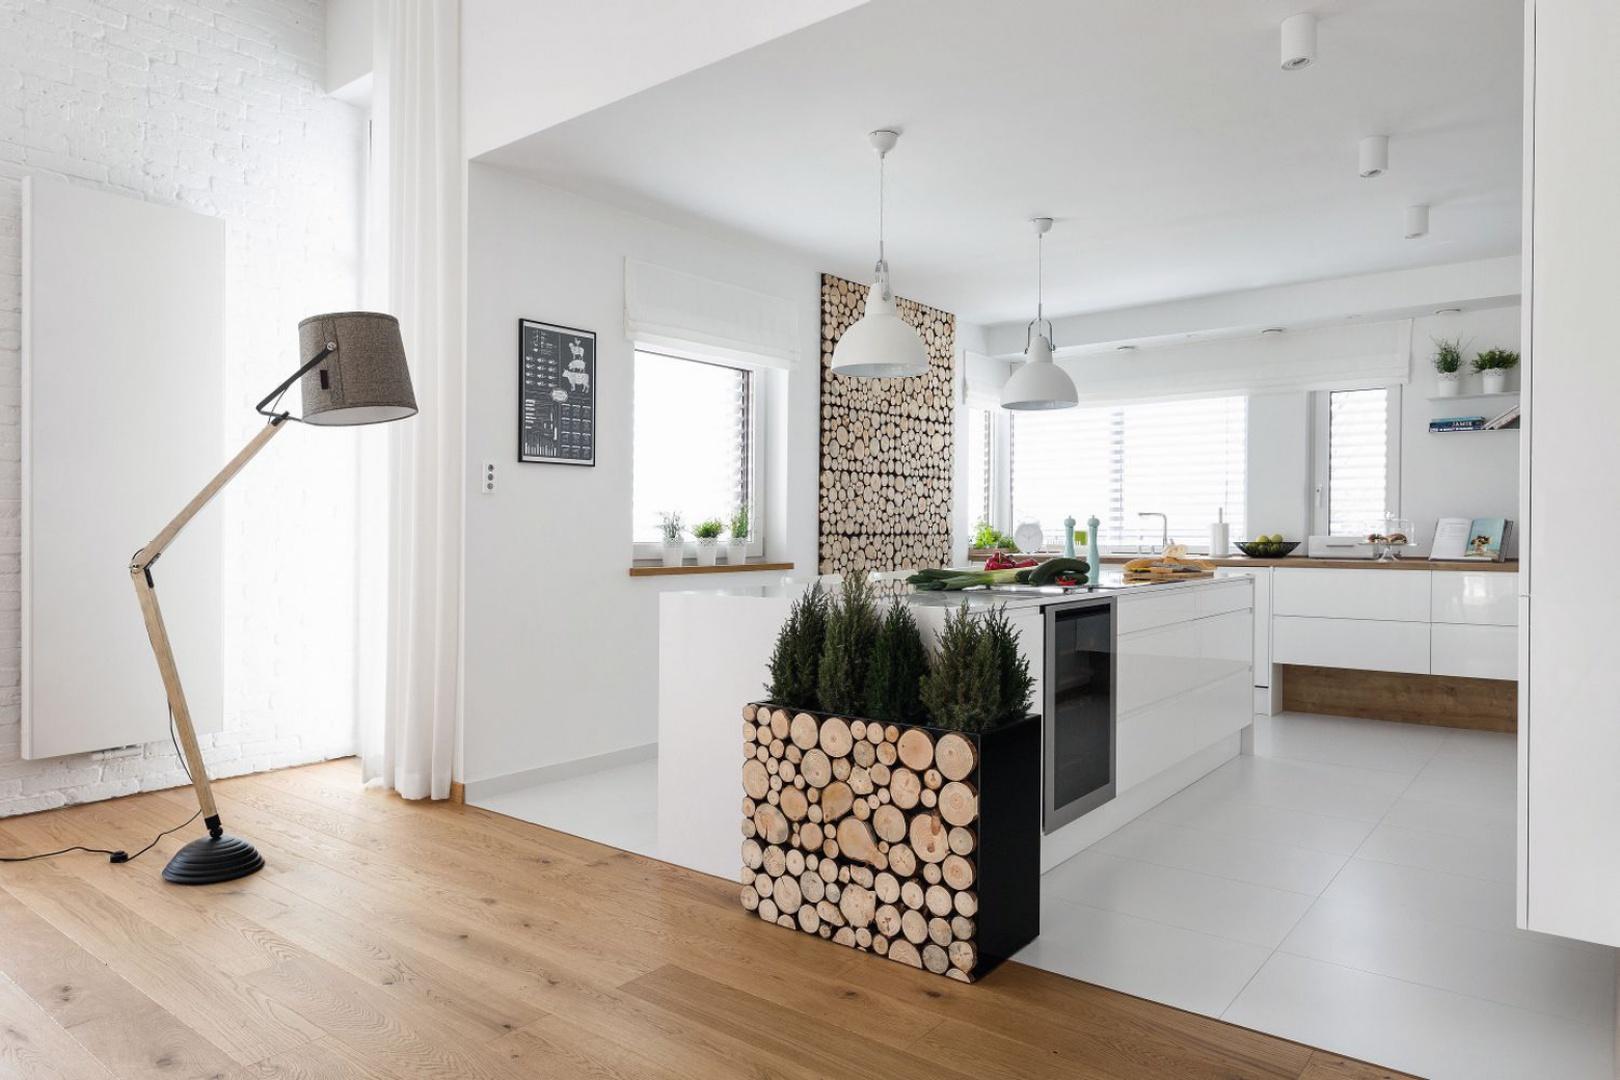 Białą zabudowę zestawiono z oryginalnymi drewnianymi akcentami w kształcie pieńków. Fot. Pracownia Mebli Vigo, kuchnia Kruppe